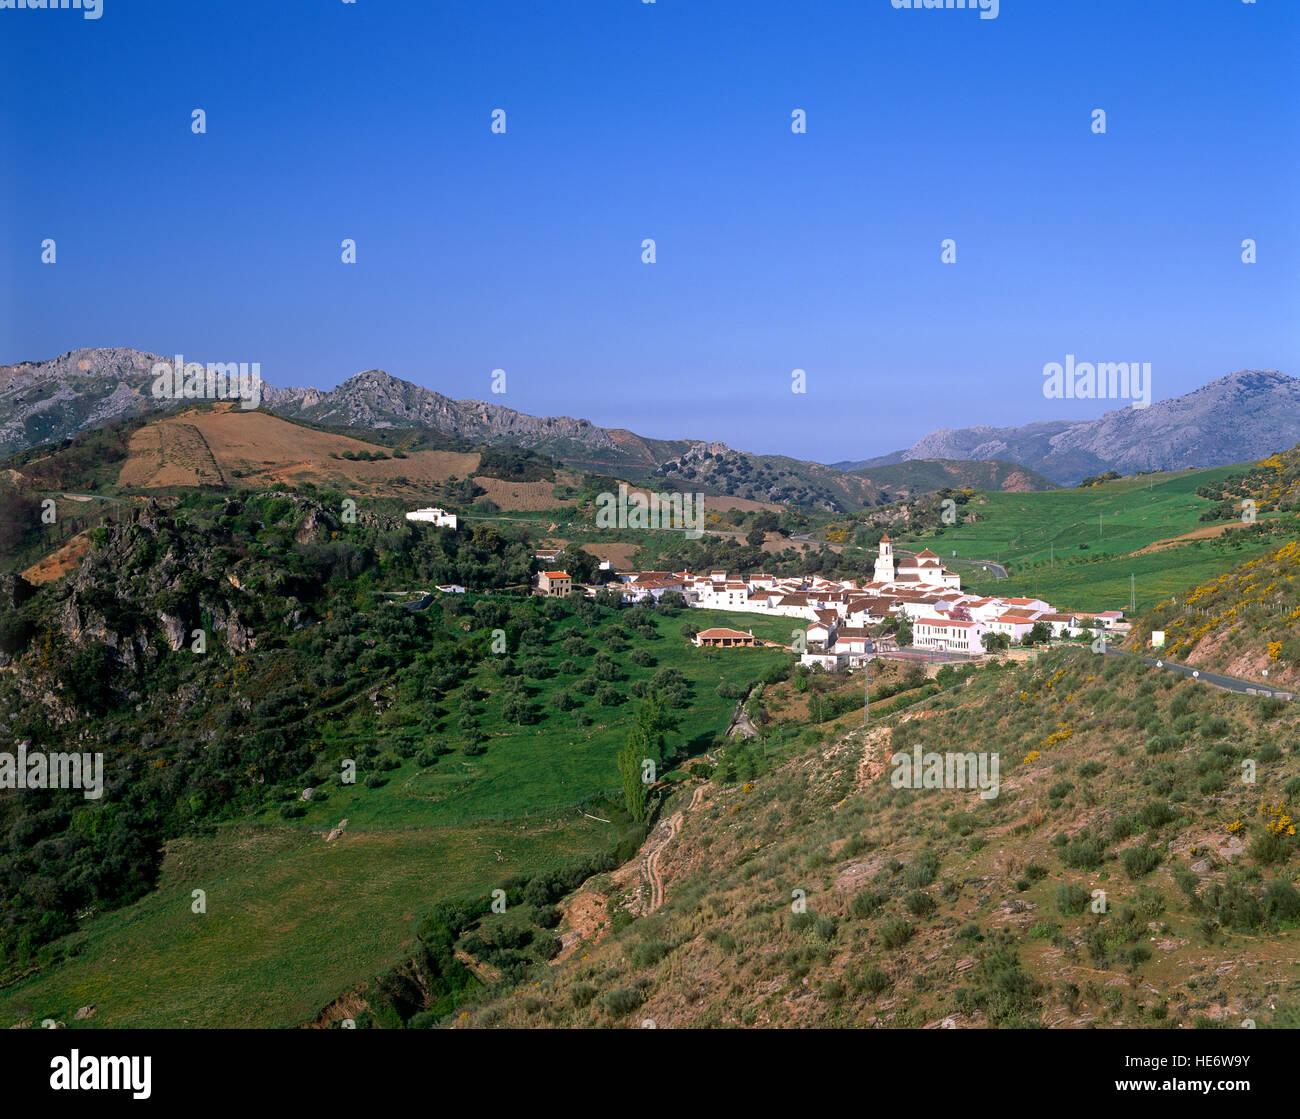 Villaggio bianco di Atajate, Andalusia, Spagna Immagini Stock